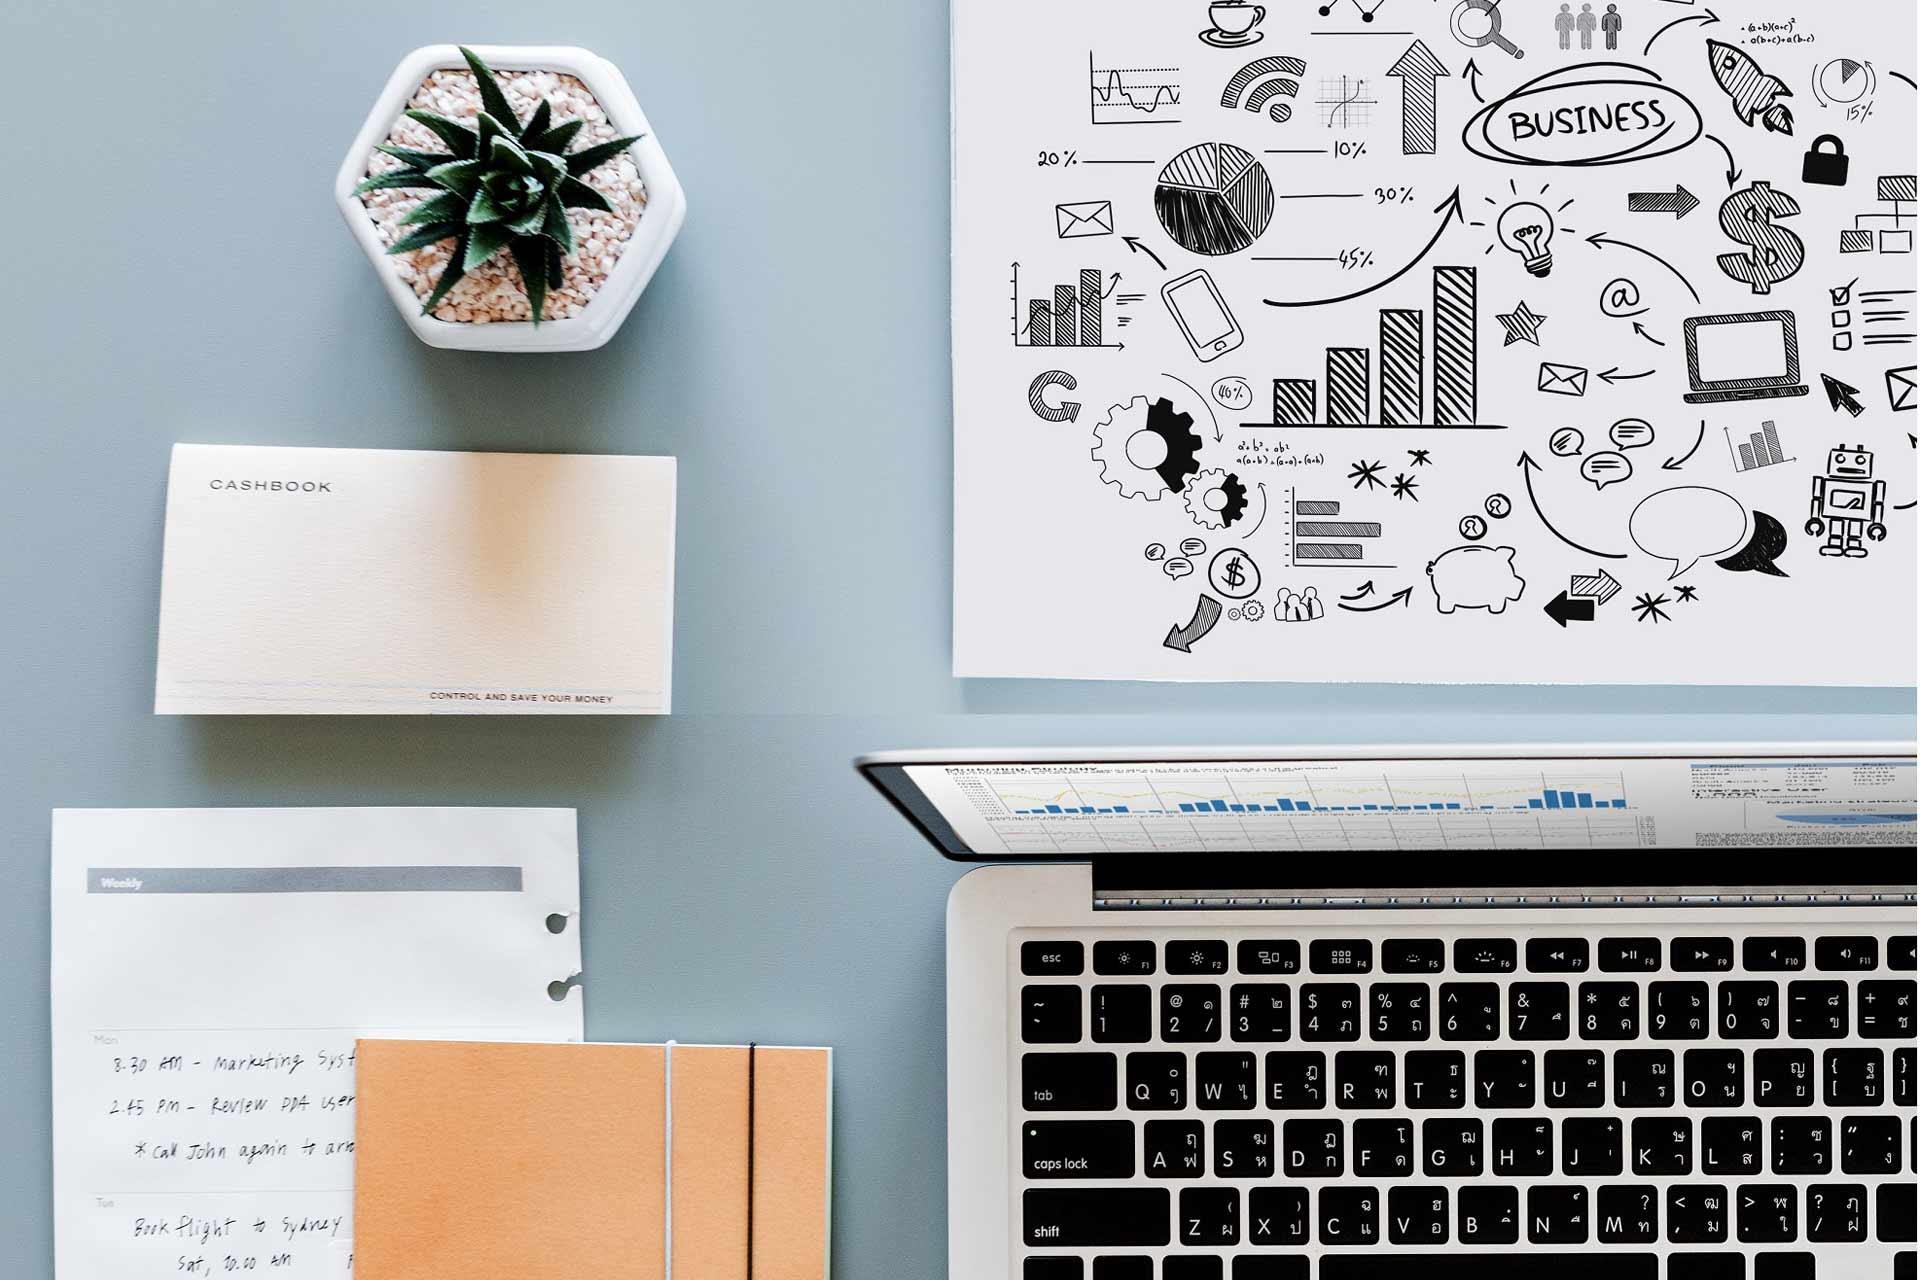 Бесплатный вебинар: Метафизика бизнеса: Как стать успешным?